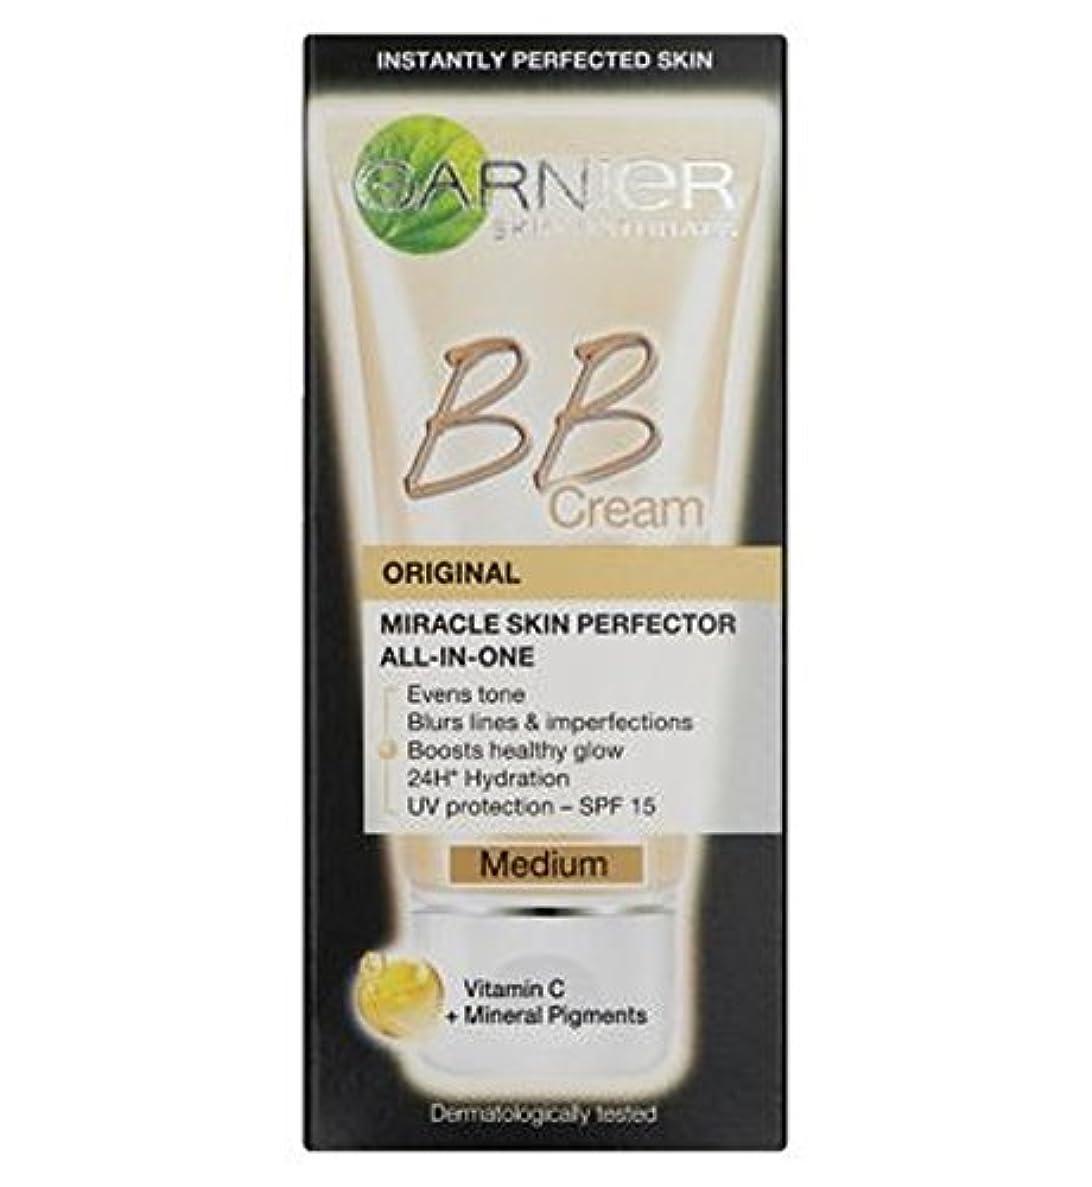 安全な毛布腹痛毎日オールインワンB.B.ガルニエスキンパーフェク傷バームクリーム培地50ミリリットル (Garnier) (x2) - Garnier Skin Perfector Daily All-In-One B.B. Blemish...